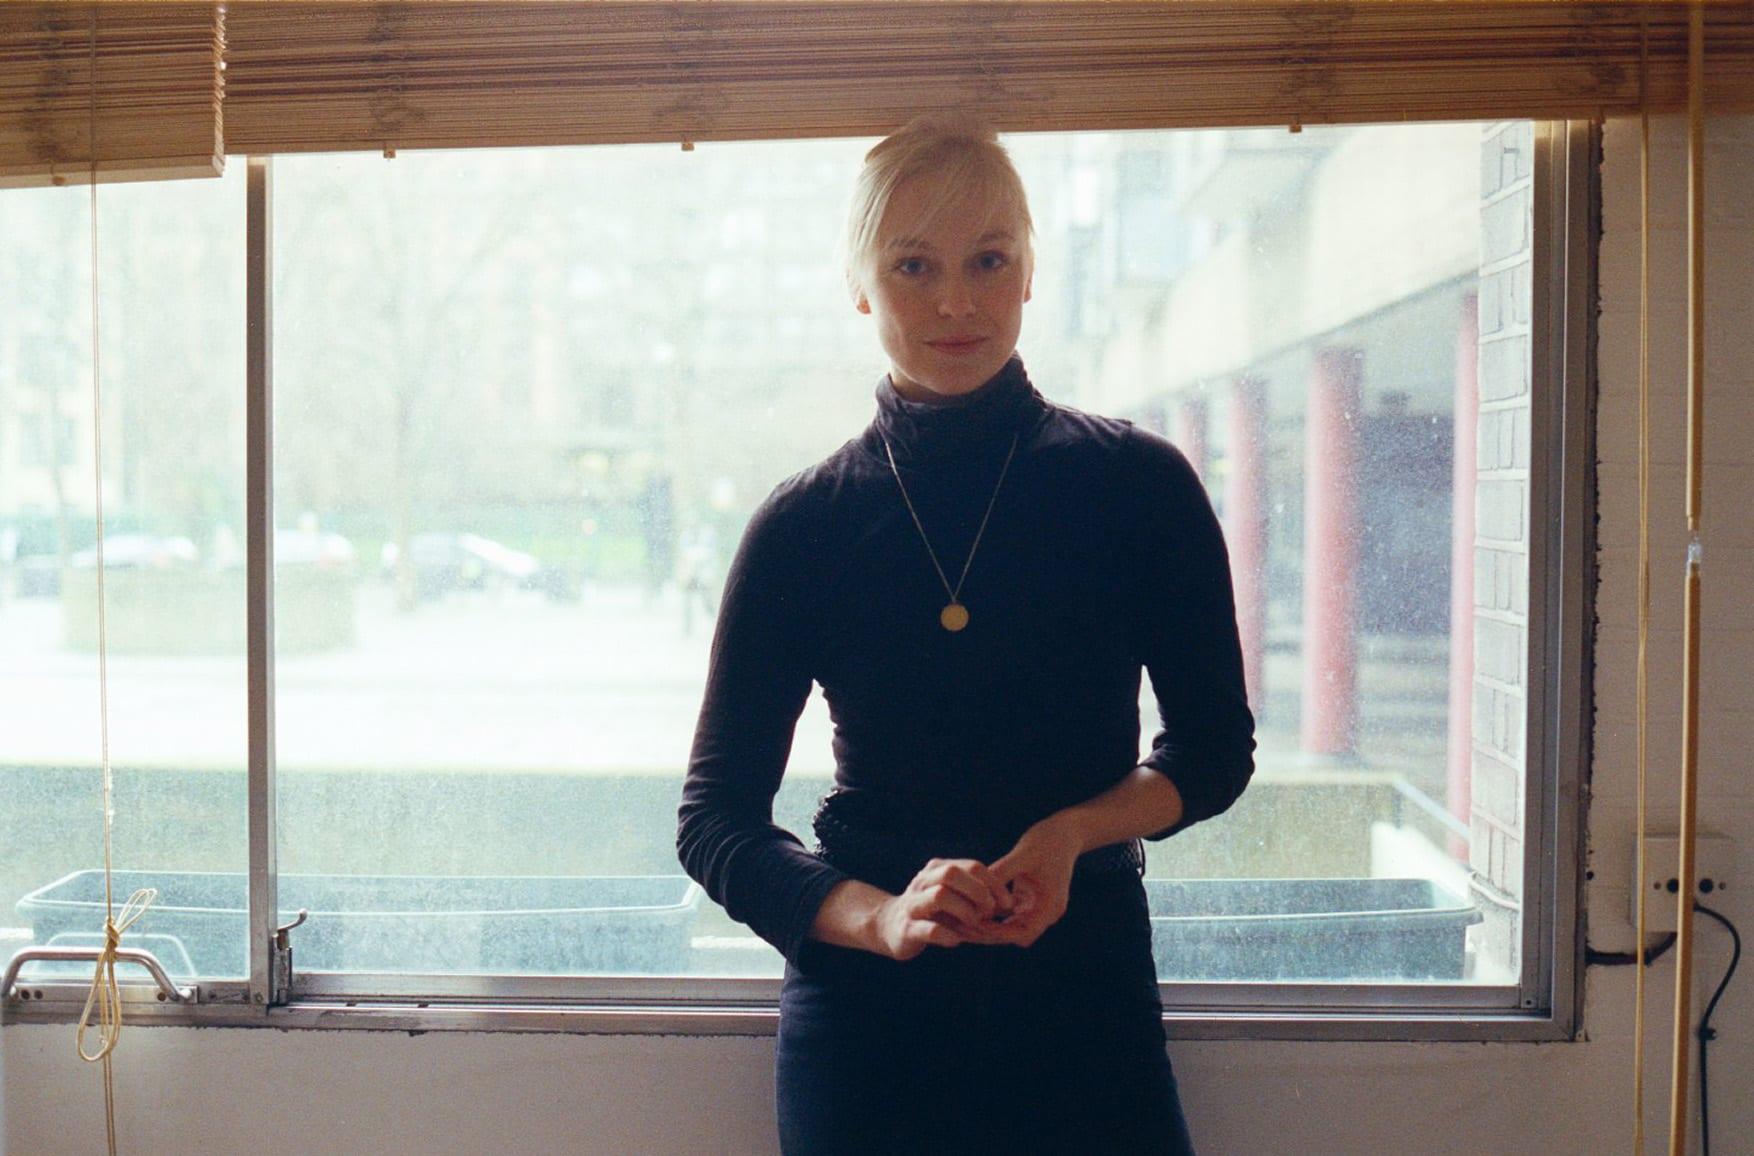 Victoria Camblin (Photo by Claire Shilland)